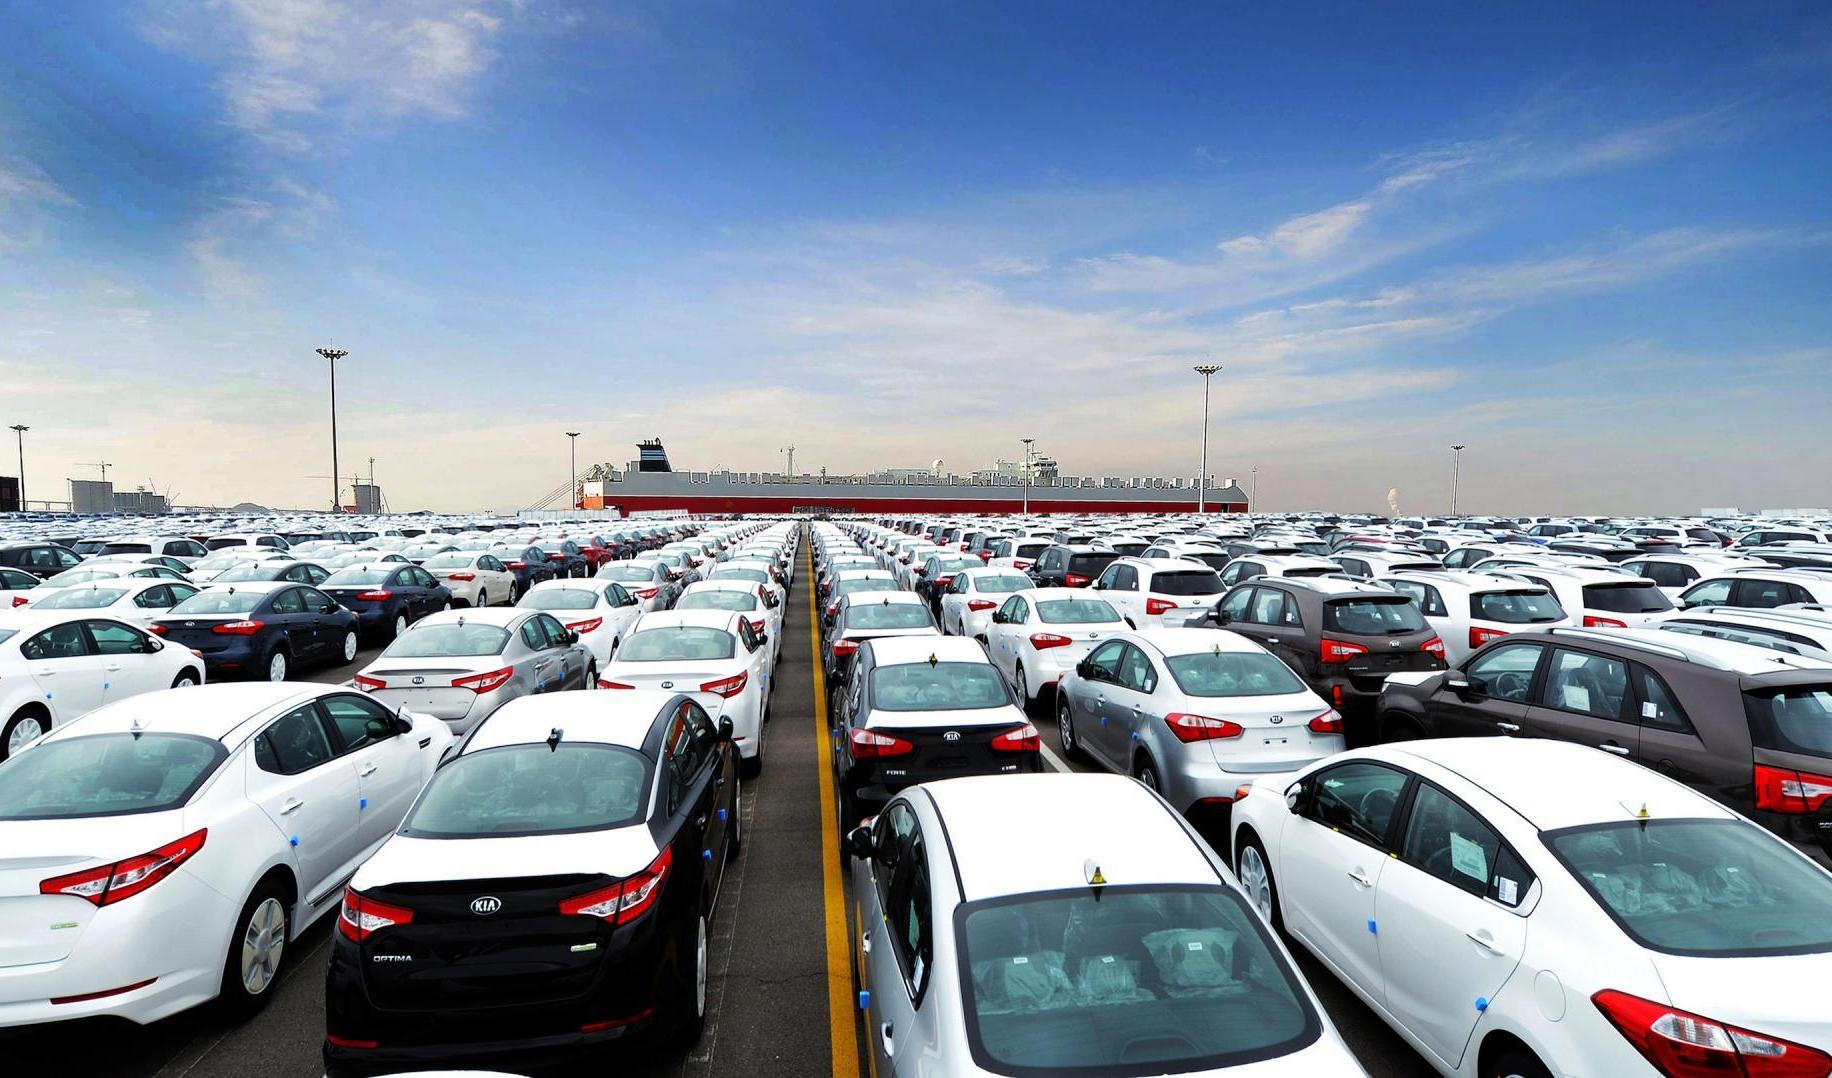 مجلس دنبال واردات خودروی ۵۰ تا ۲۰۰ میلیونی است